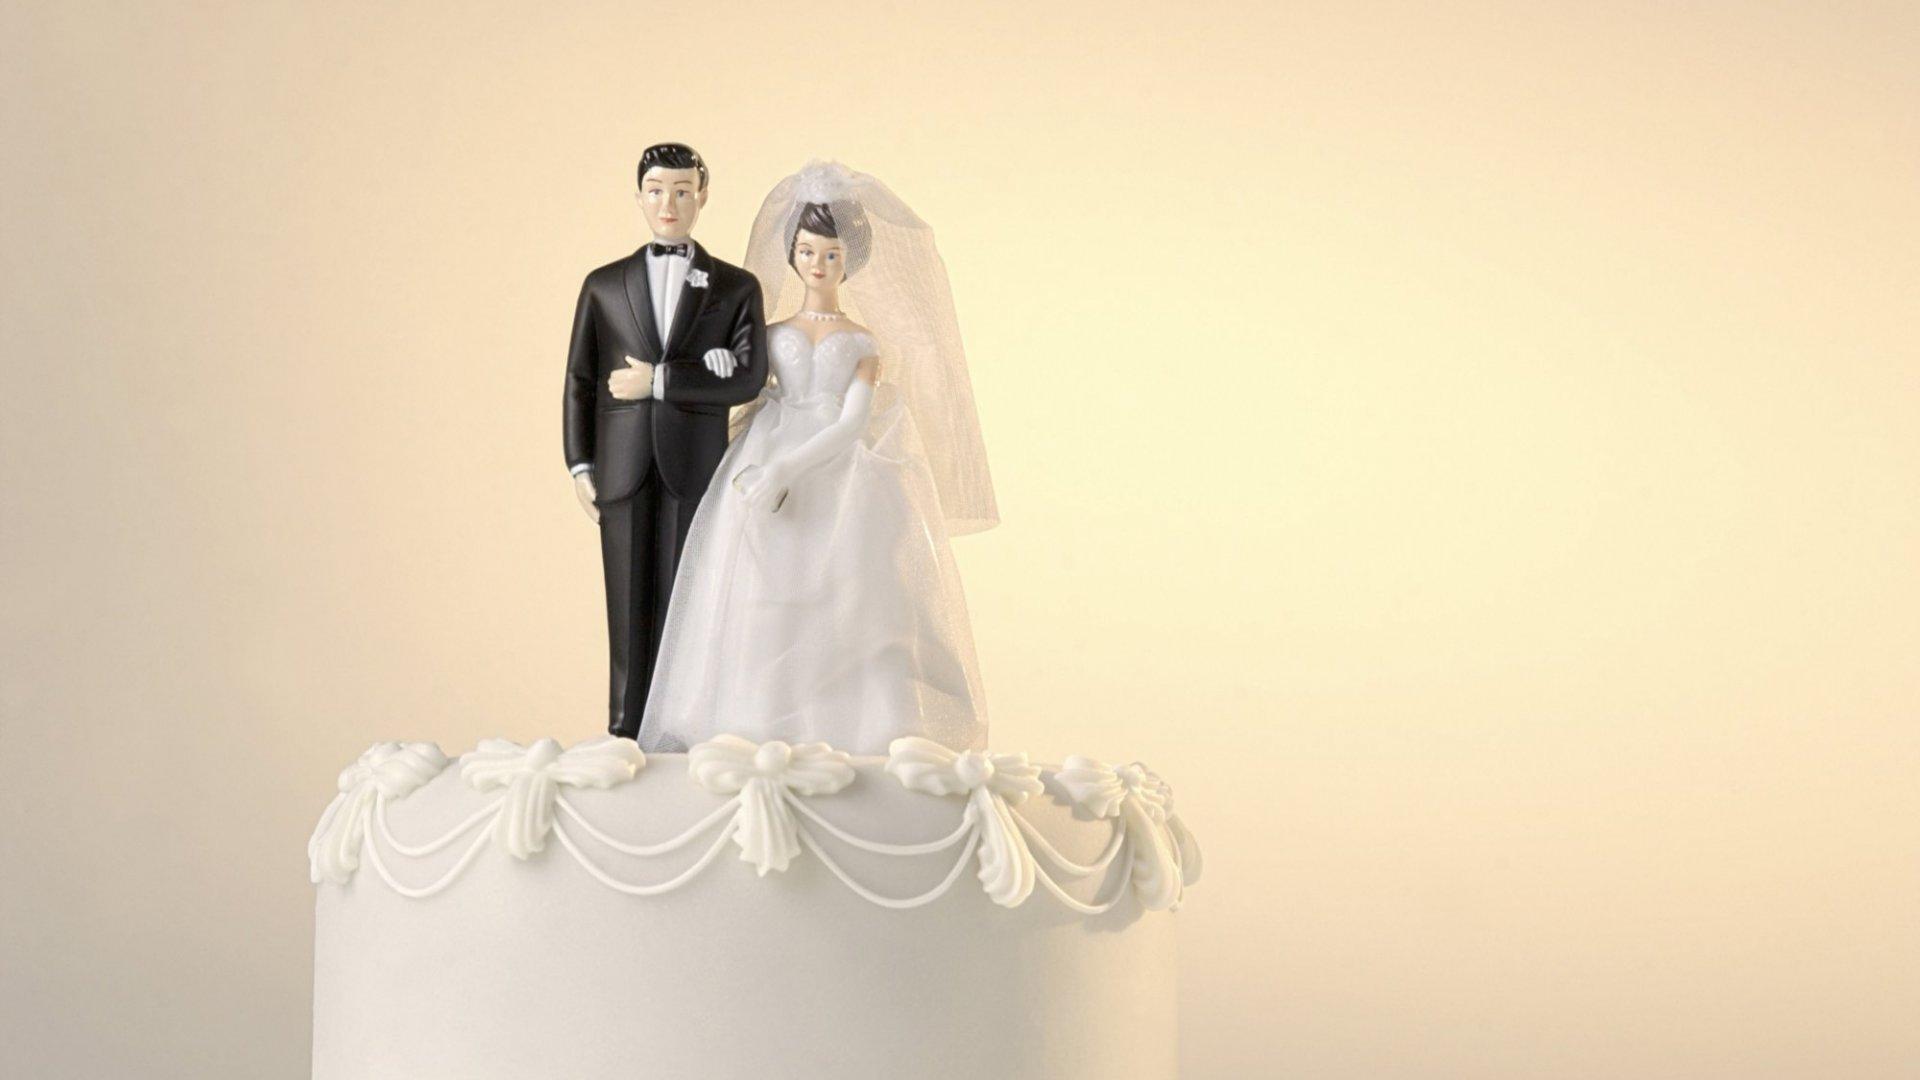 نکات مهم در انتخاب همسر مناسب